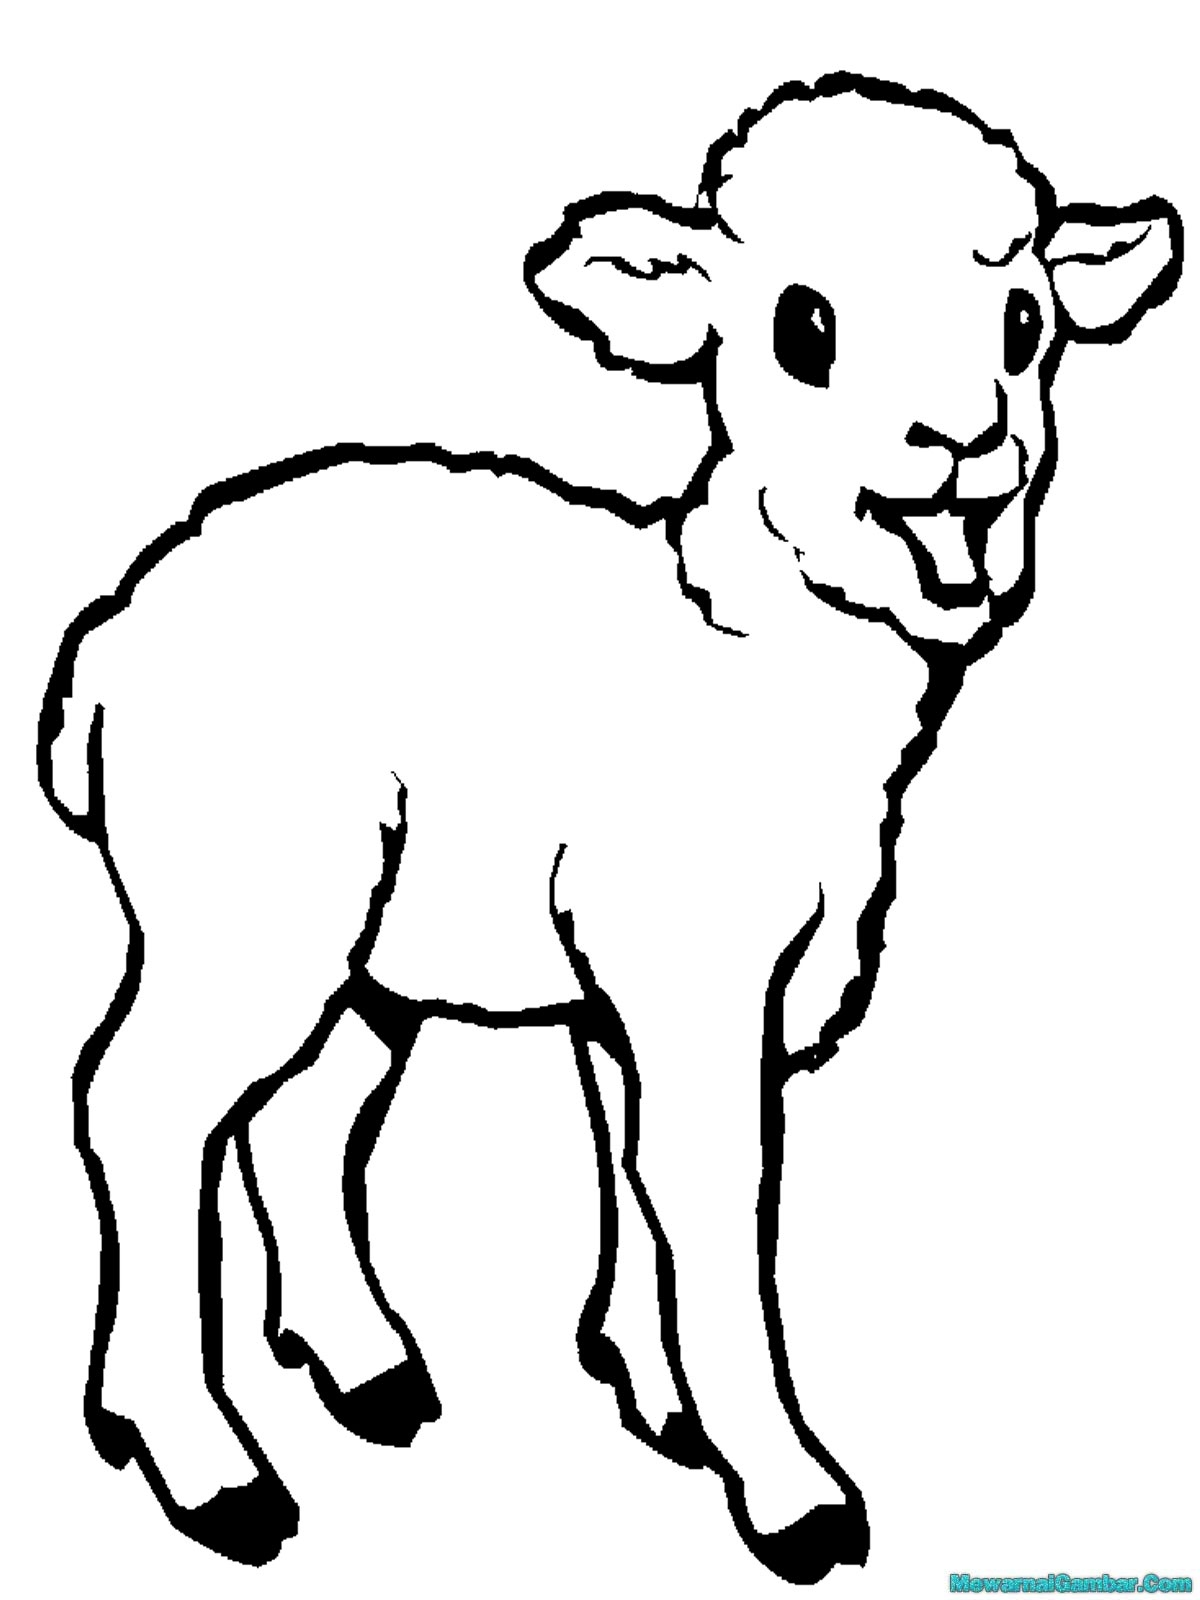 Gambar Kartun Binatang Kambing